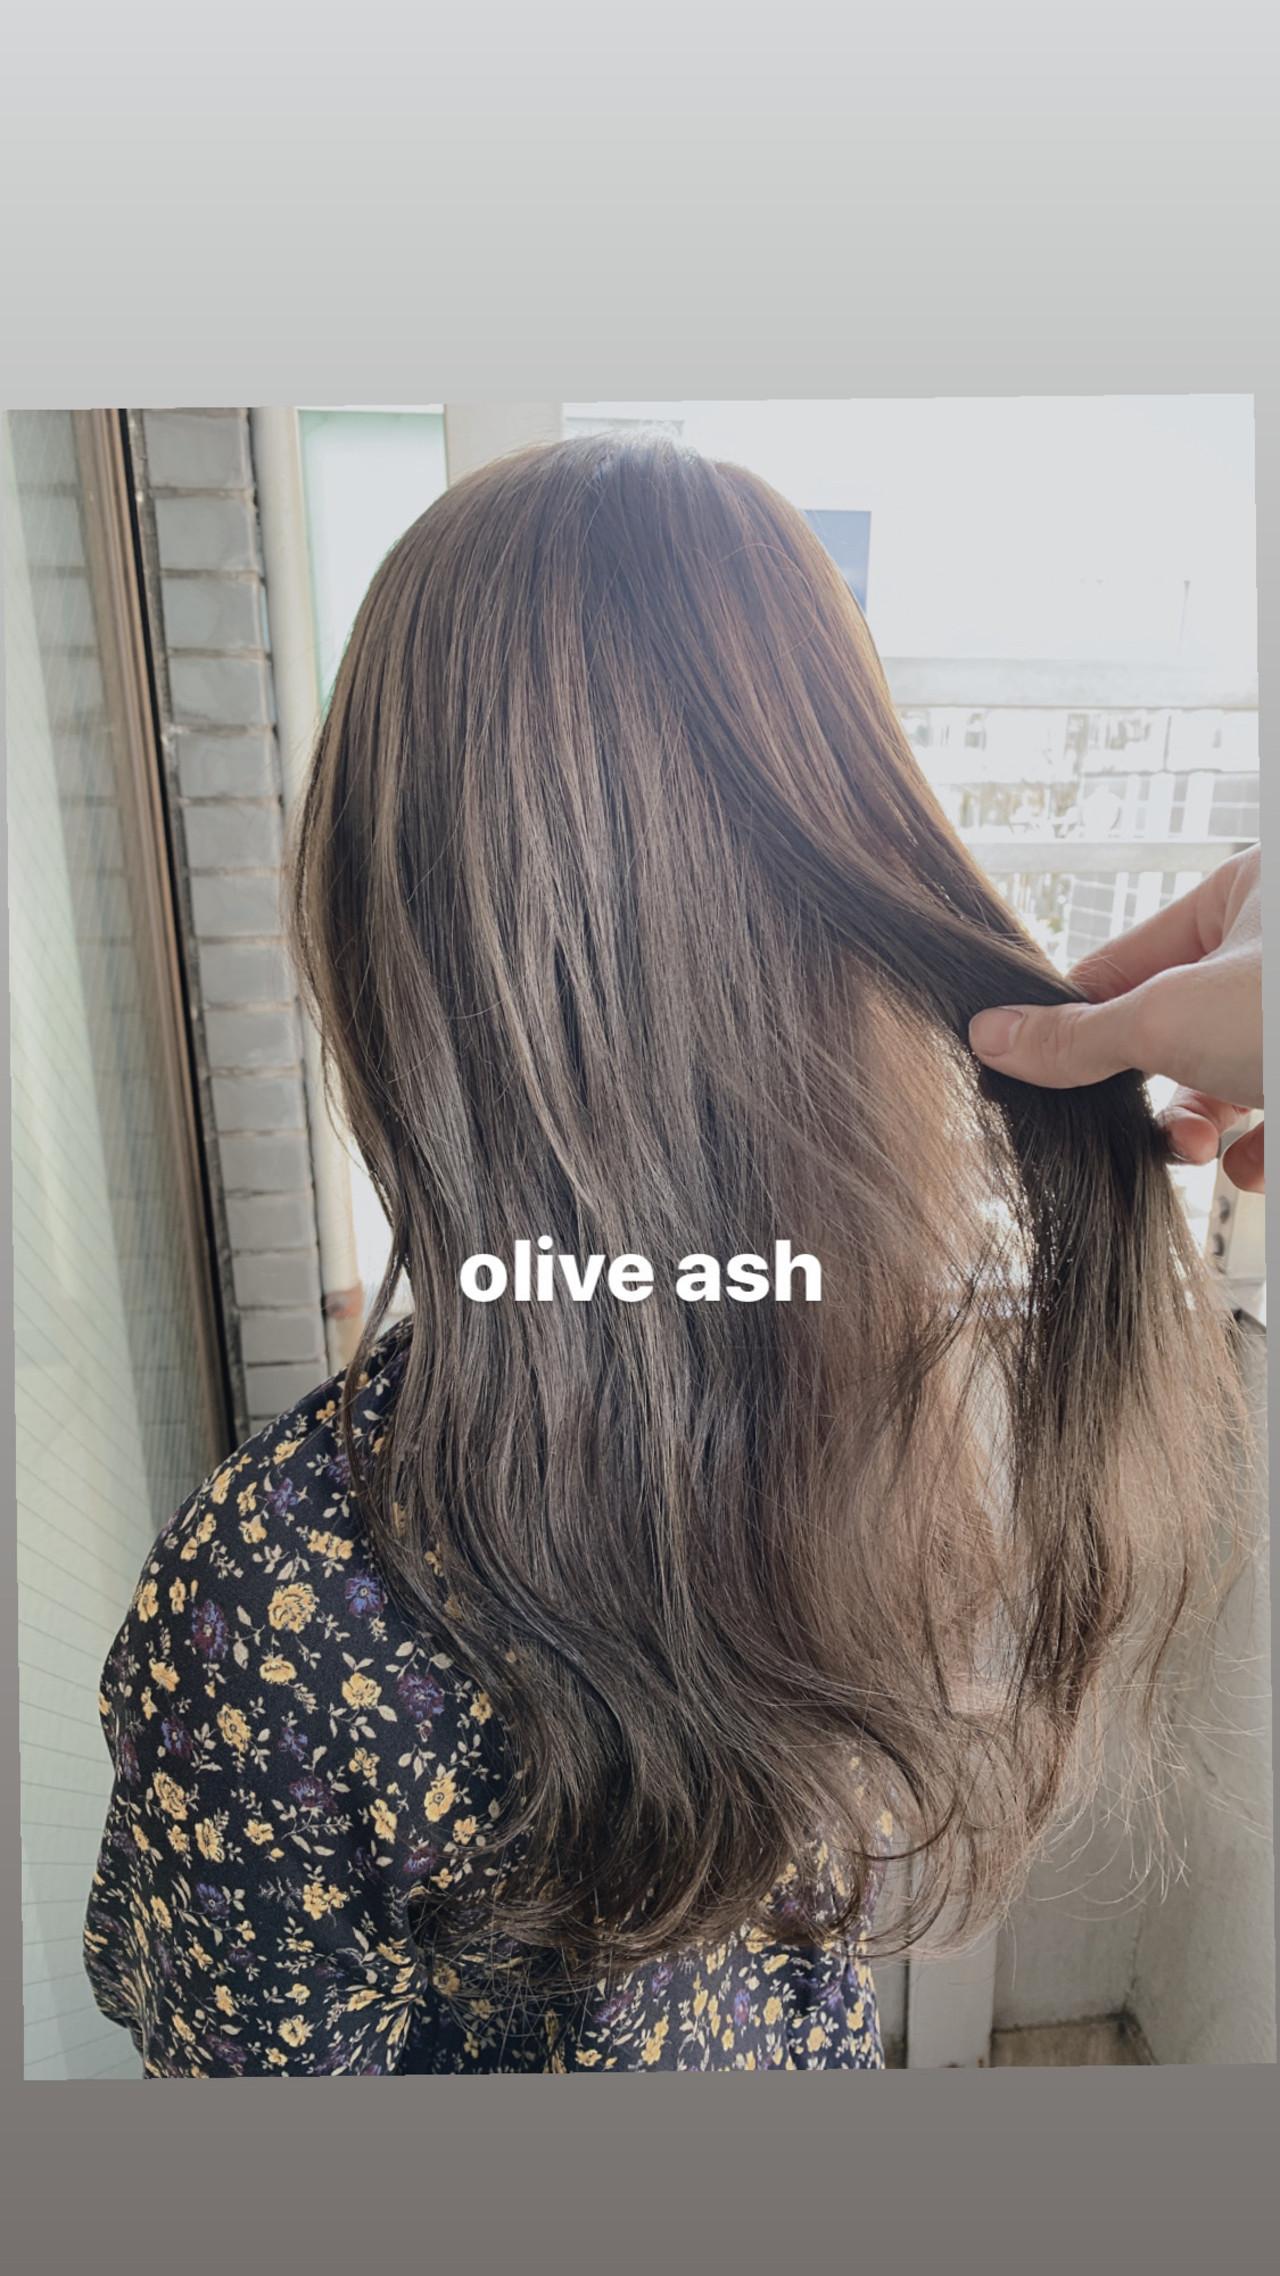 セミロング 外国人風カラー ナチュラル オリーブアッシュ ヘアスタイルや髪型の写真・画像